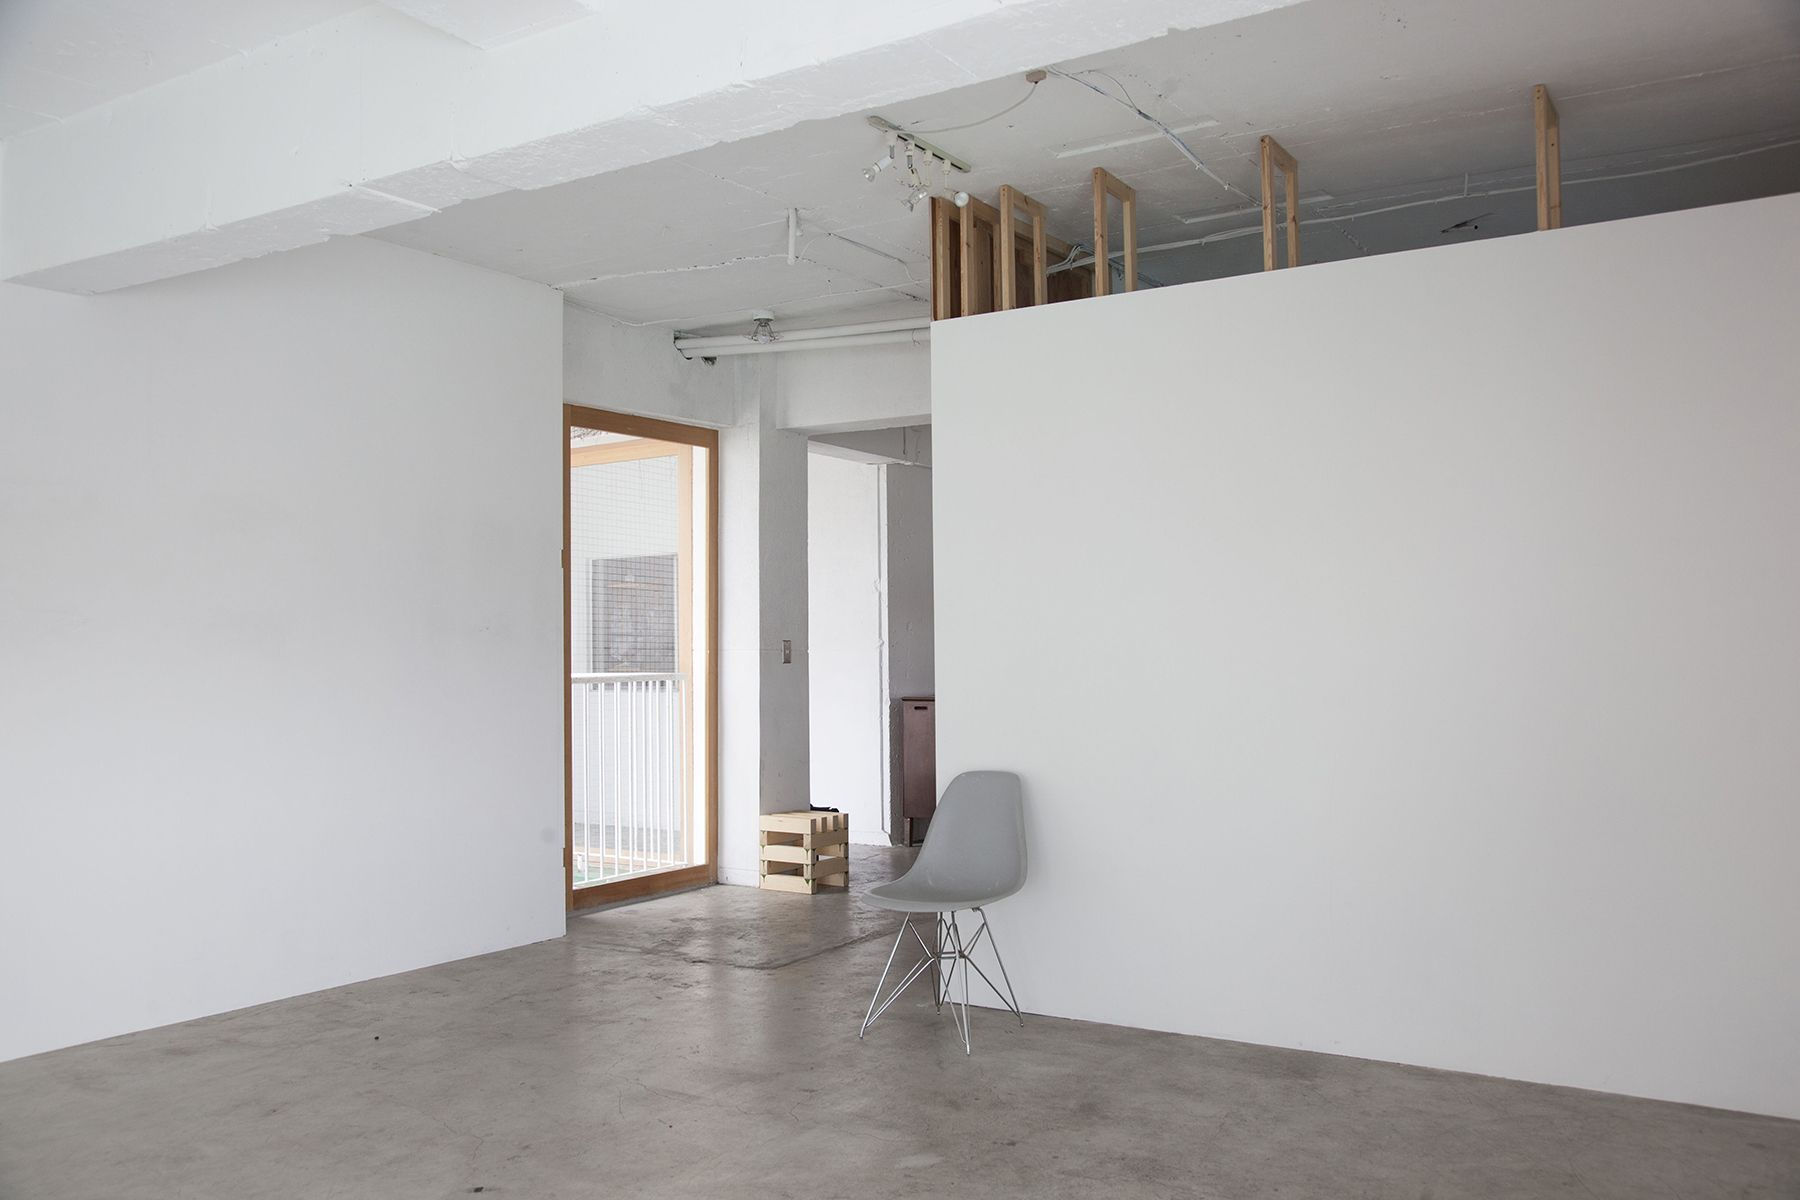 HOXTON STUDIO みどり荘 (ホクストンスタジオ ミドリソウ)(3F) ギャラリースペース